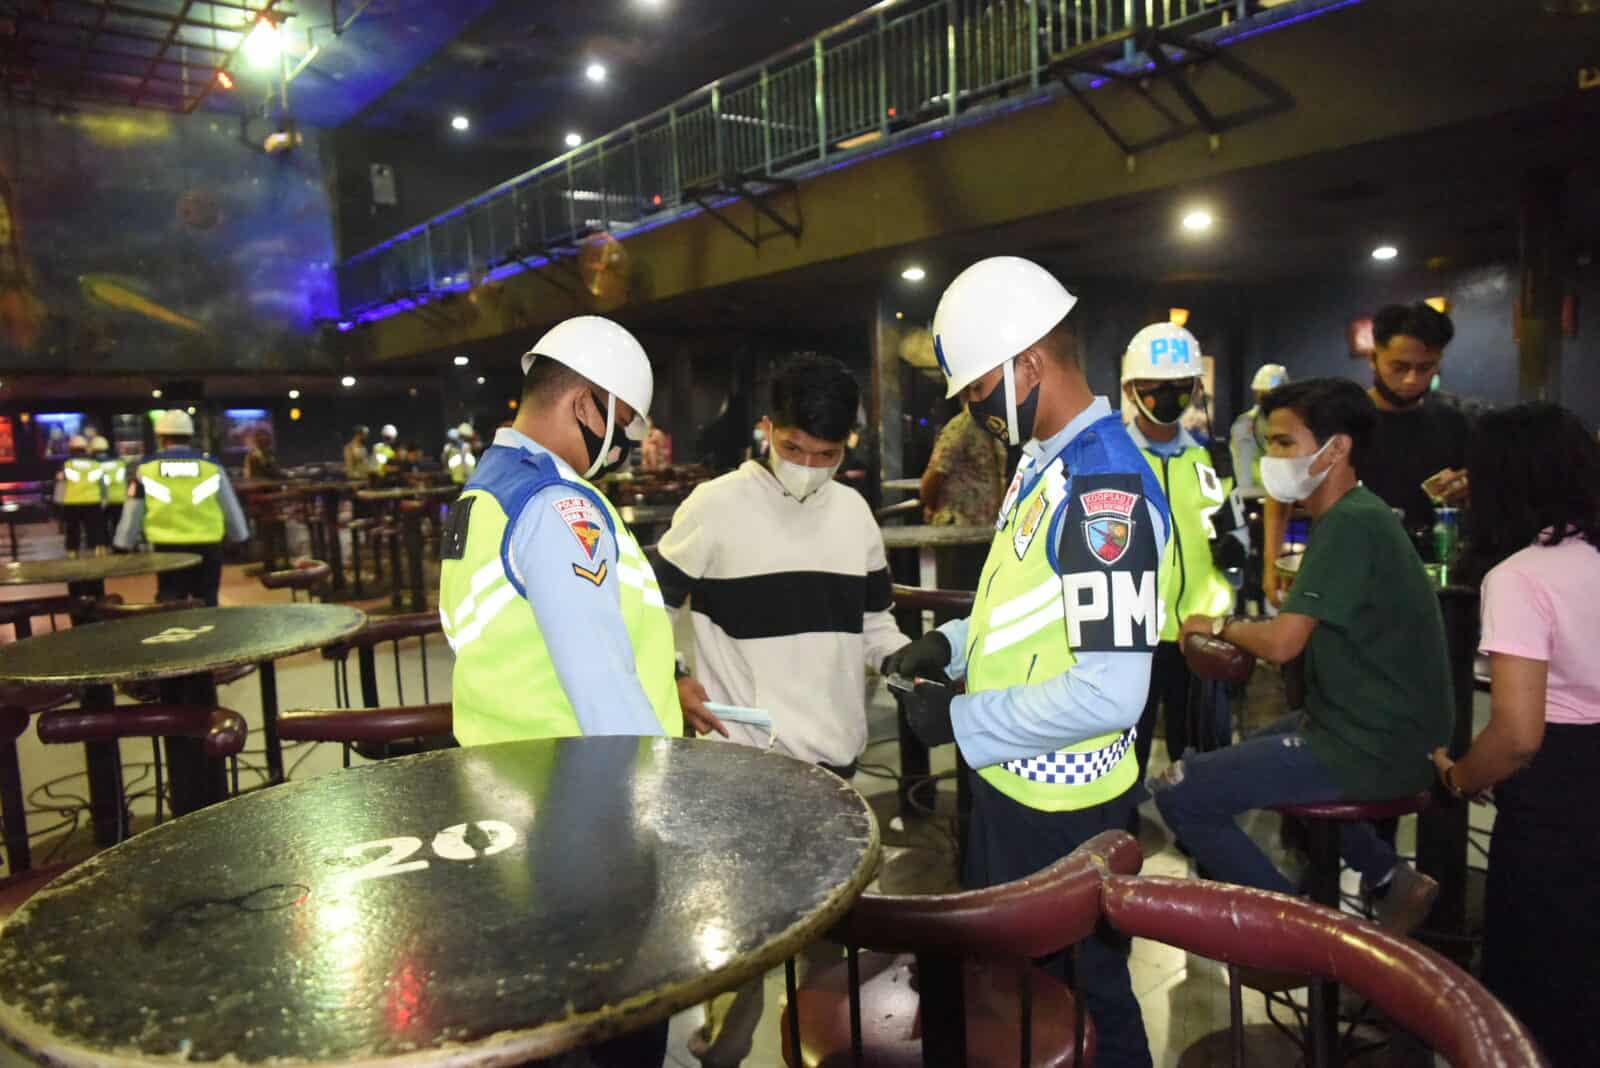 Menjelang HUT Ke-75 TNI AU, Pom Lanud Rsn Gelar Gaktib Hiburan Malam